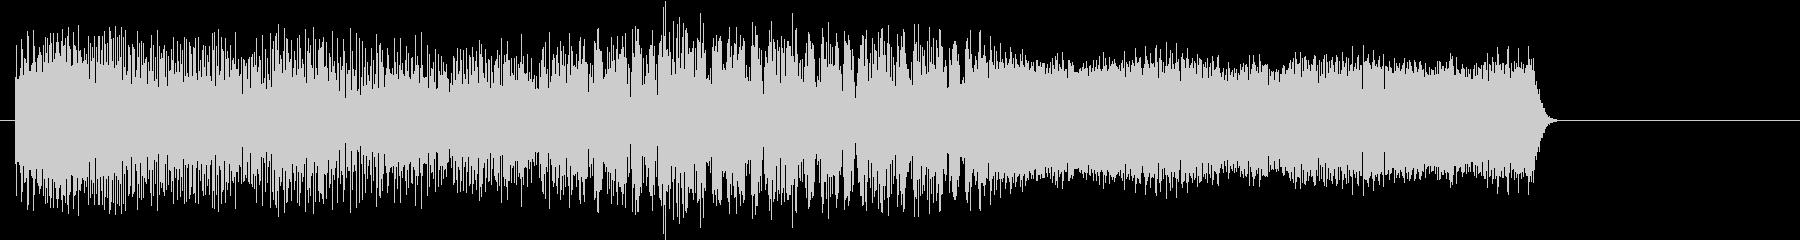 ゲームオーバー ピコピコ音 レトロの未再生の波形